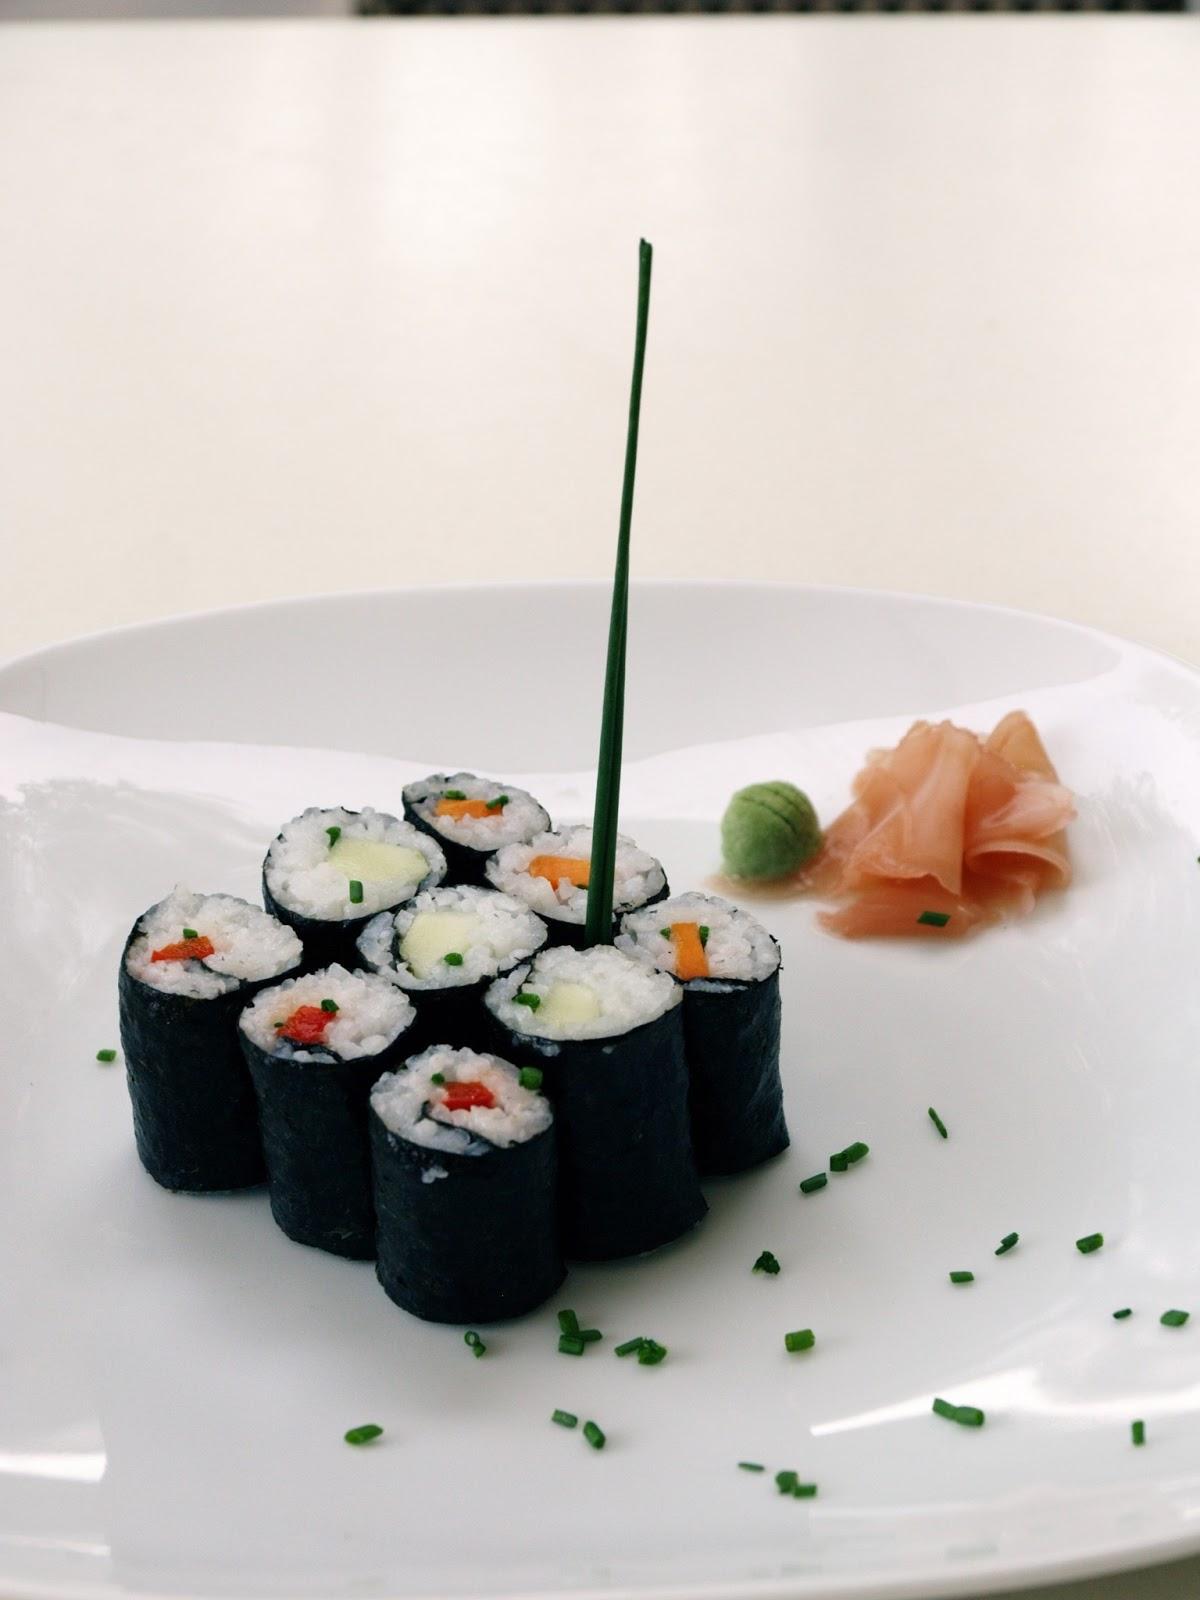 Centro calima noticias curso de cocina vegetariana ex tica 24 de febrero valencia - Curso cocina valencia ...